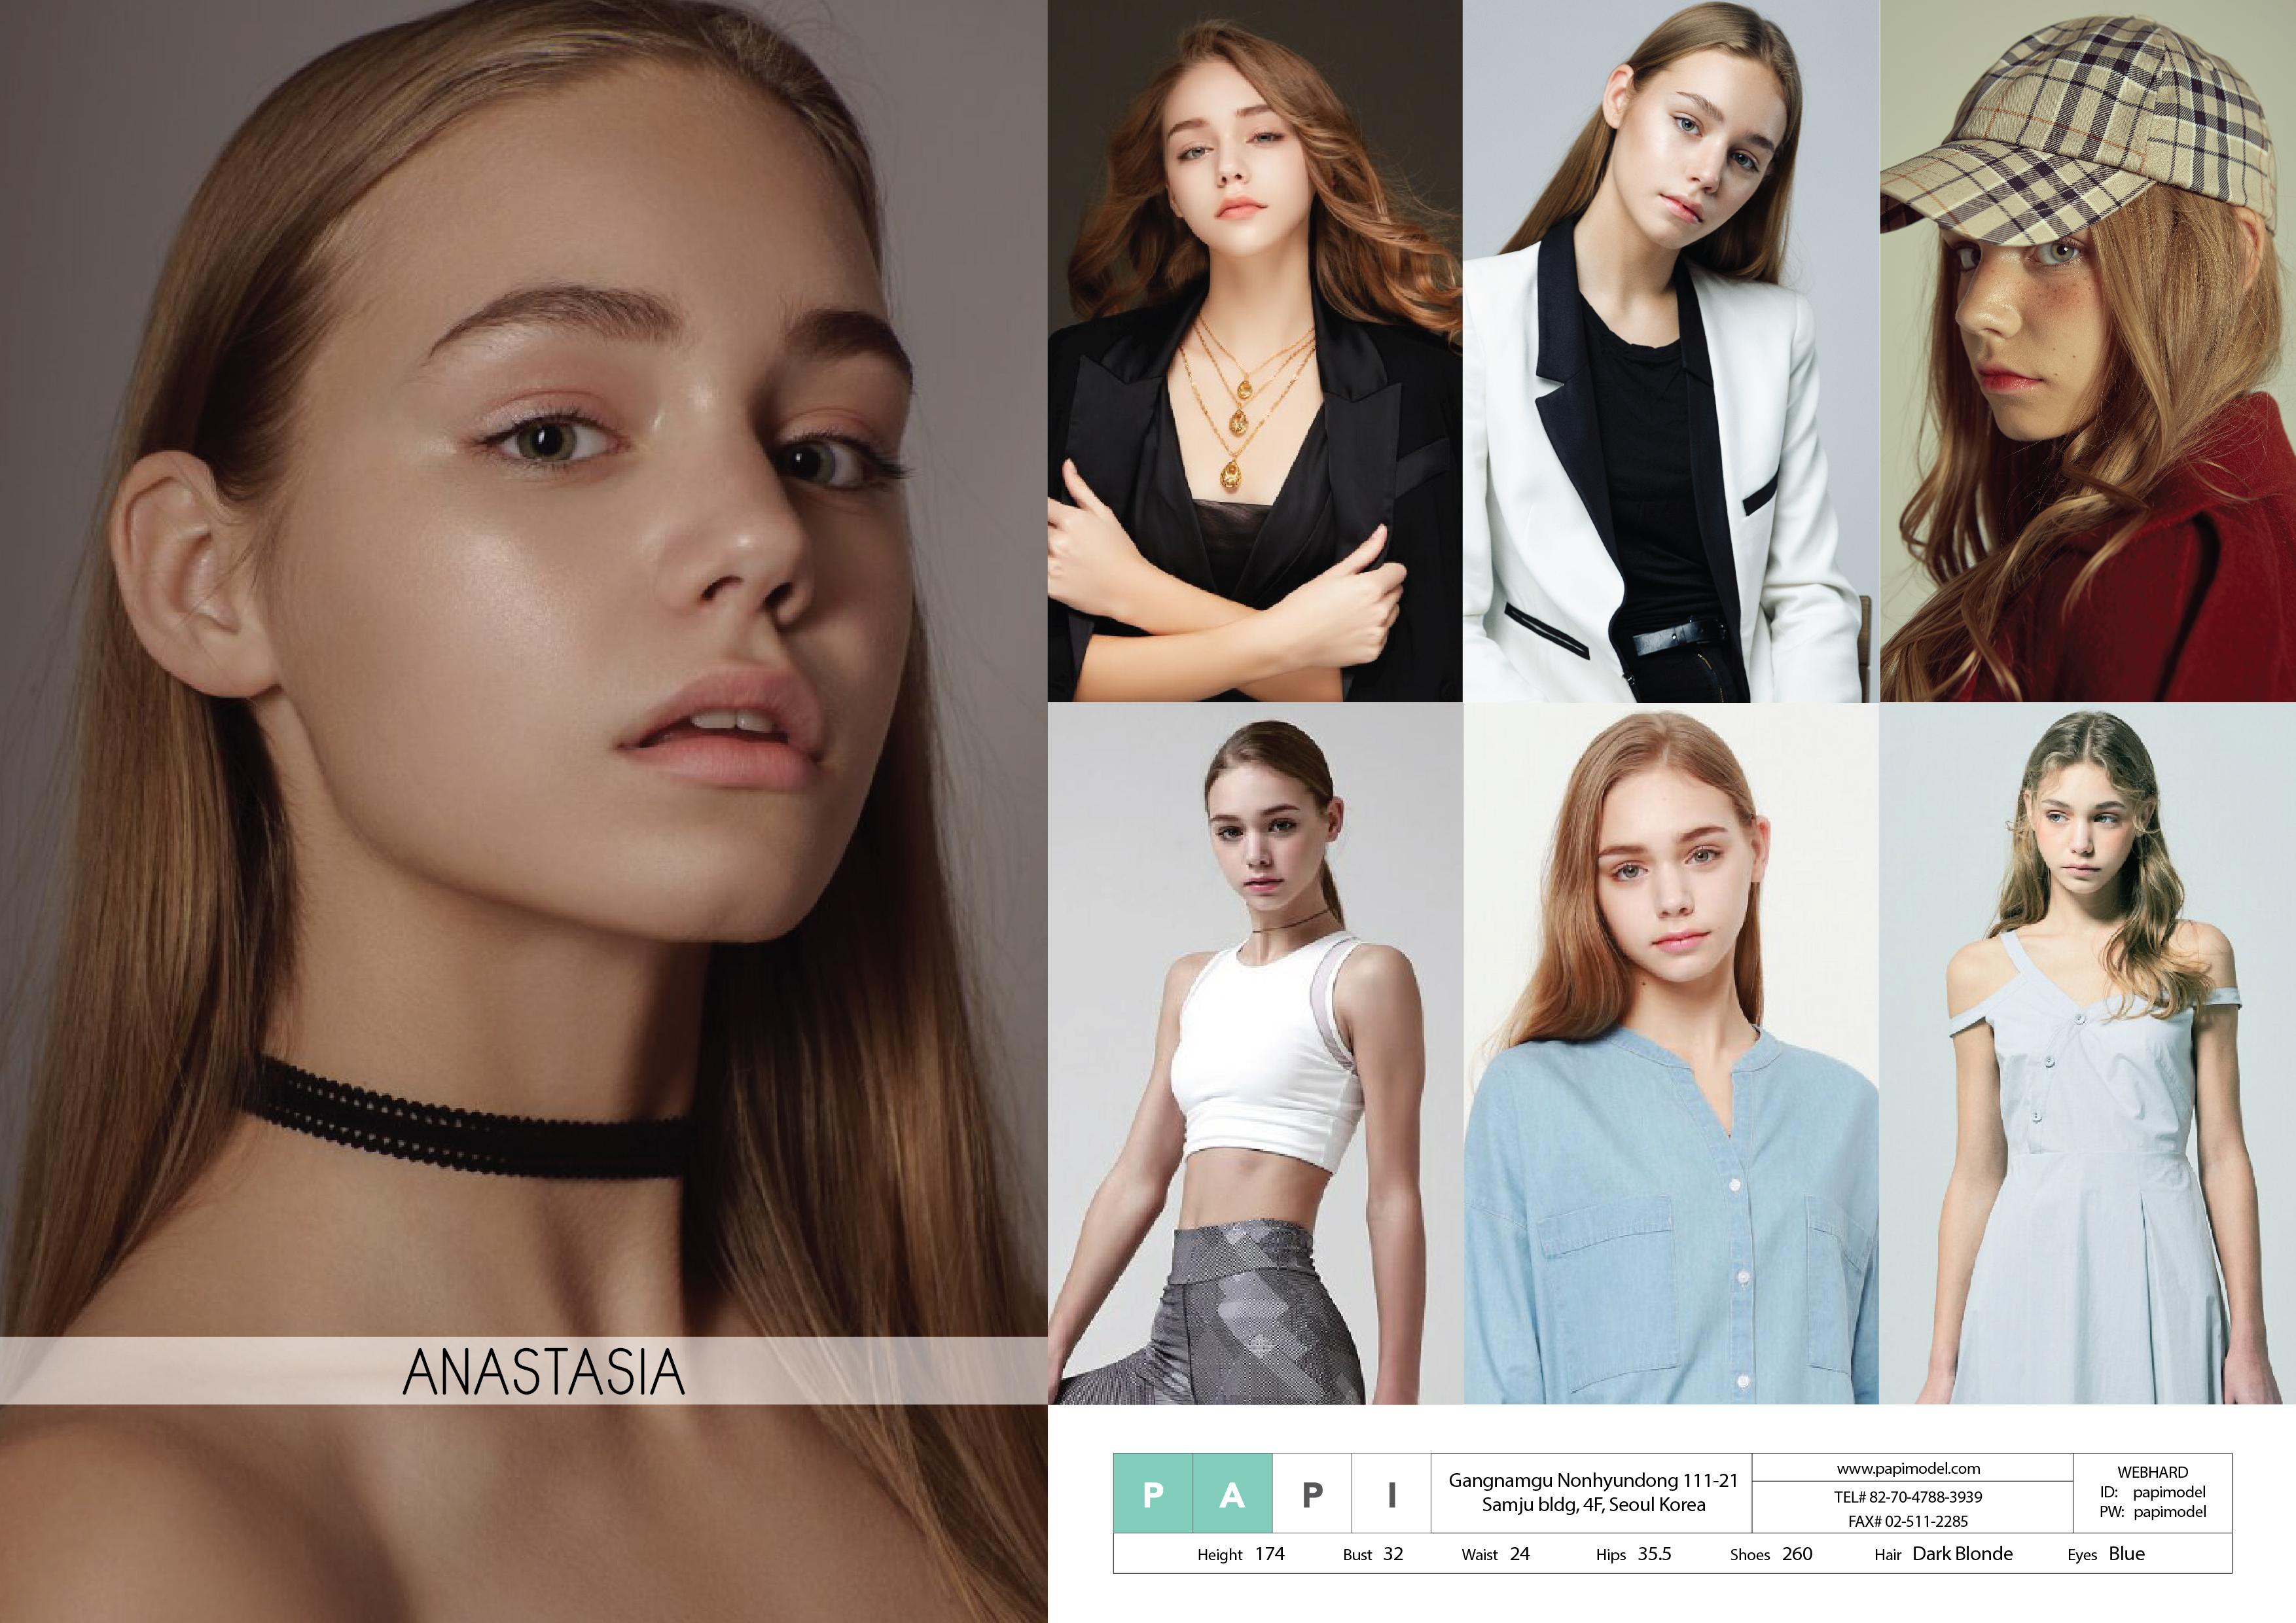 [PAPI] Anastasia